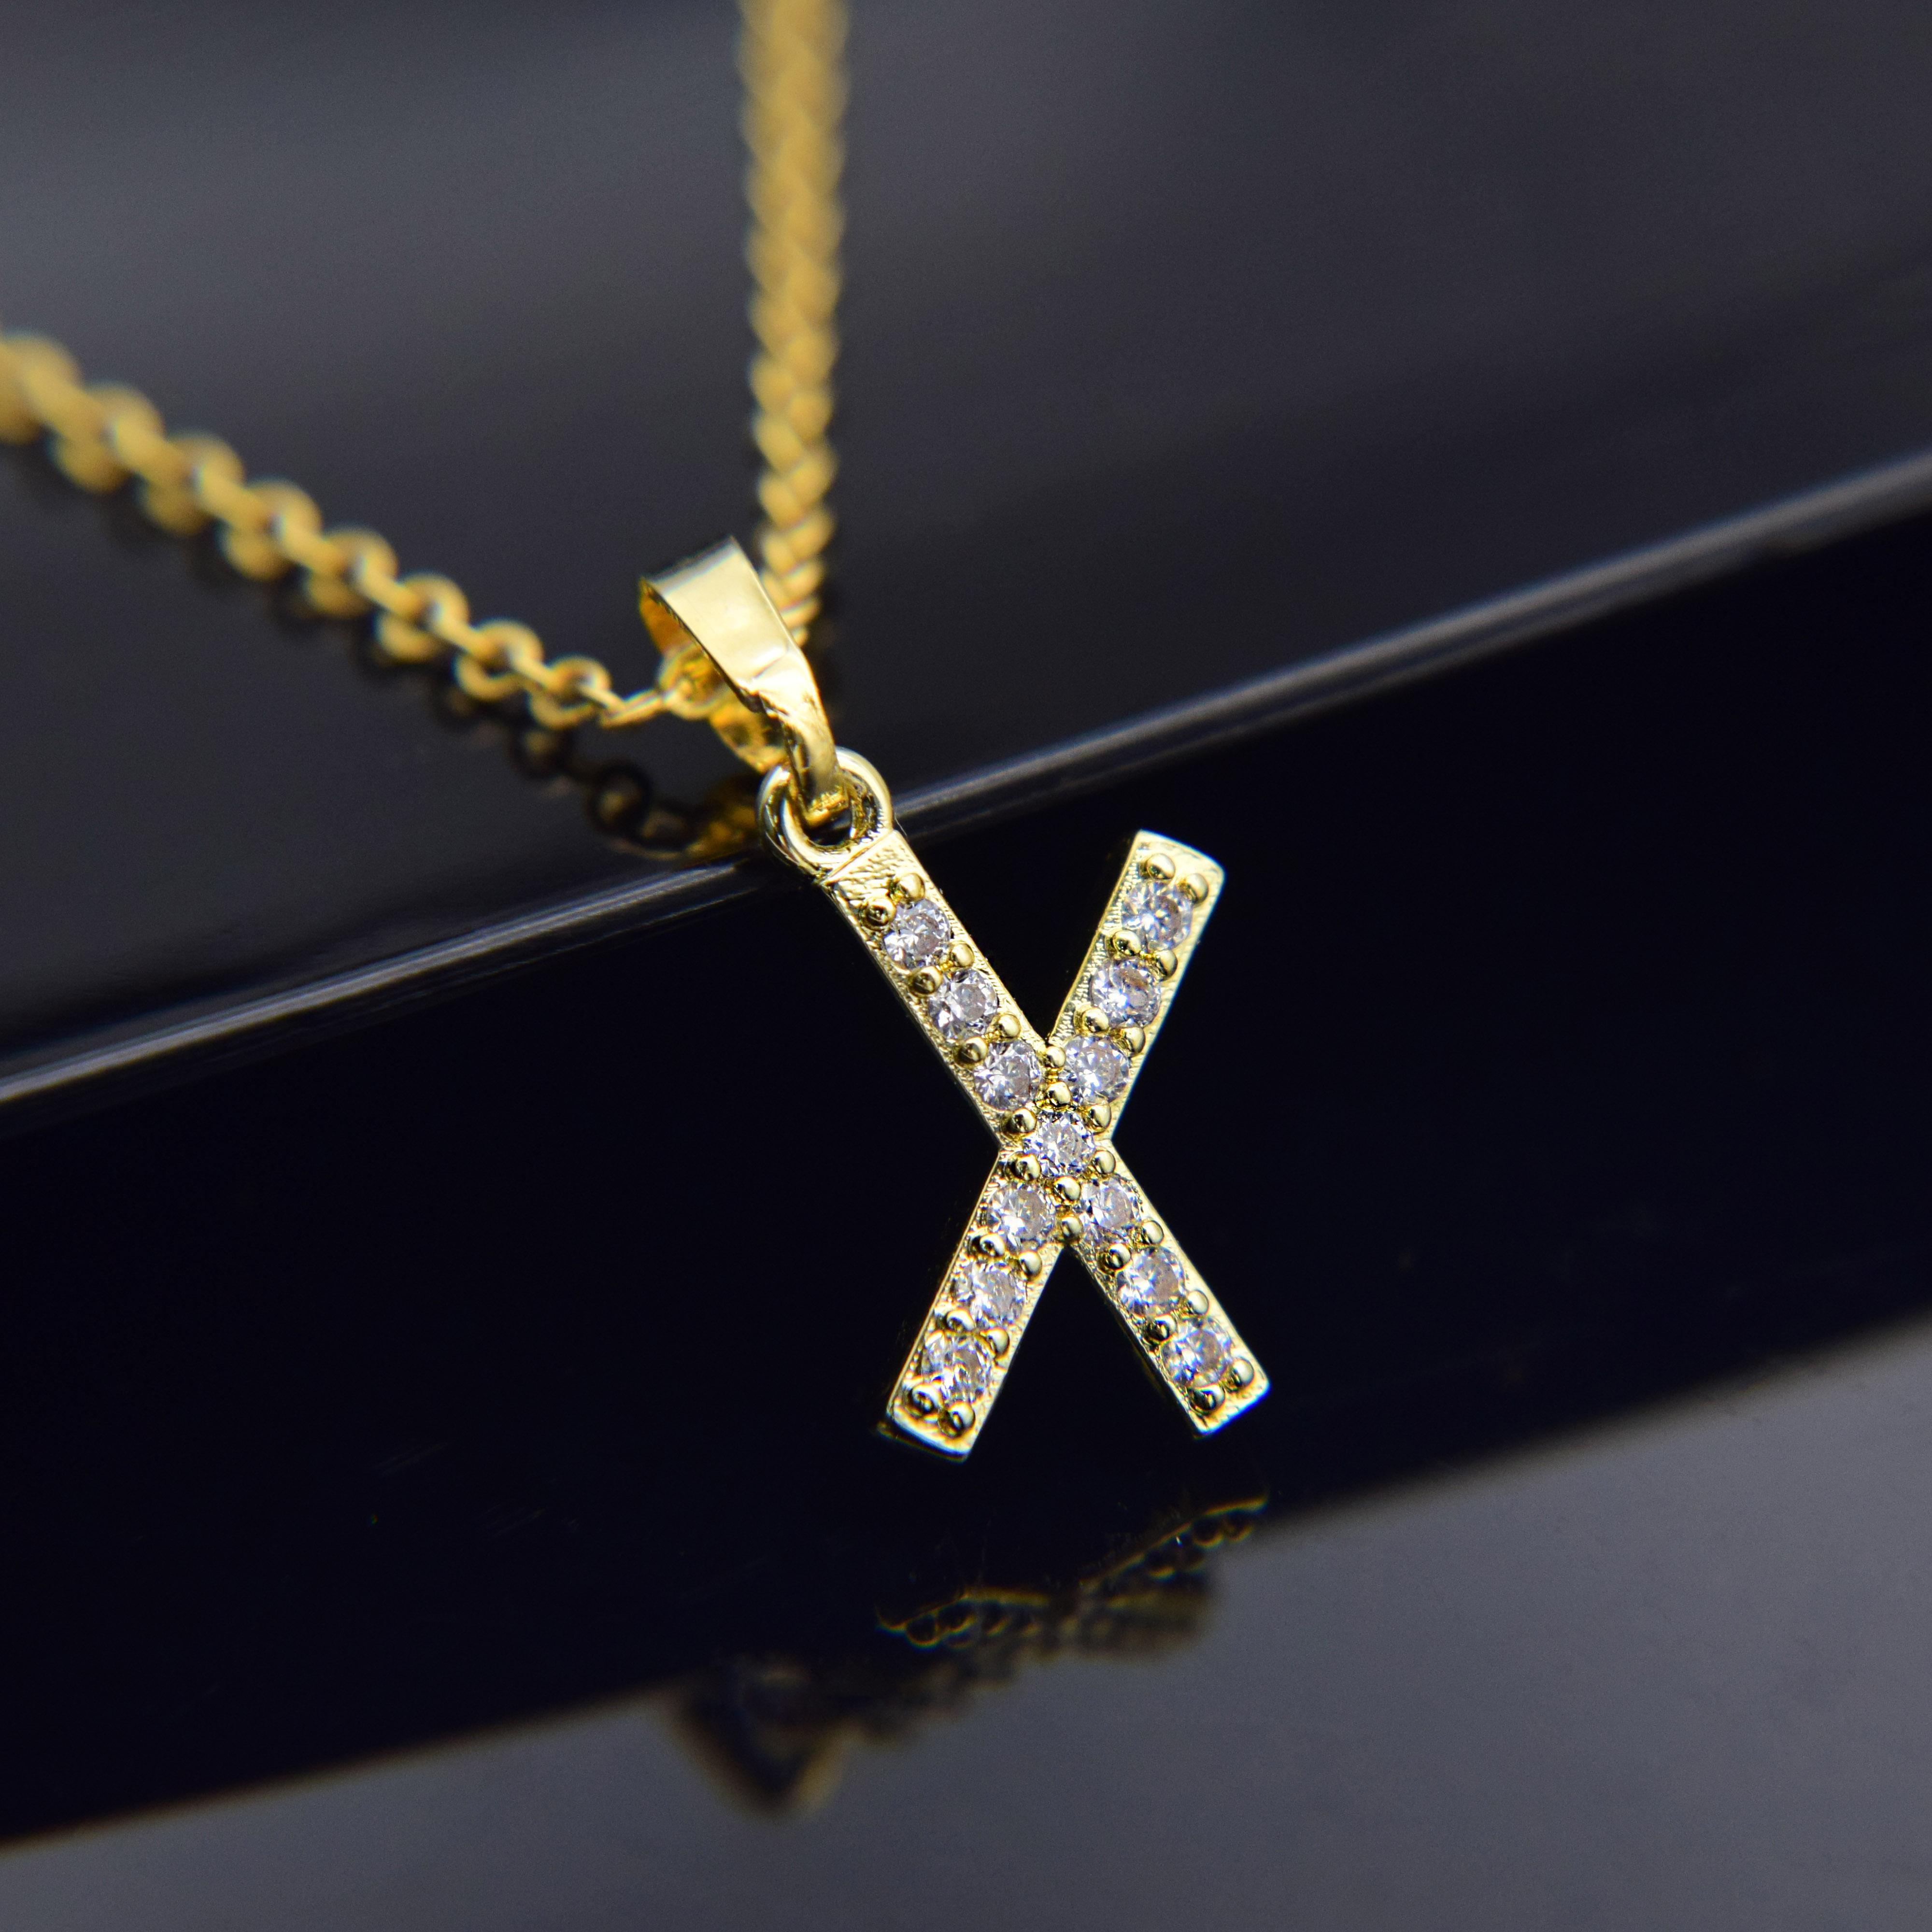 4 pçs / jóias cúbico zircão alfabeto pingentes de ouro cor de prata de cobre mini a-z letra colar de pingente shinning 26 primas collares